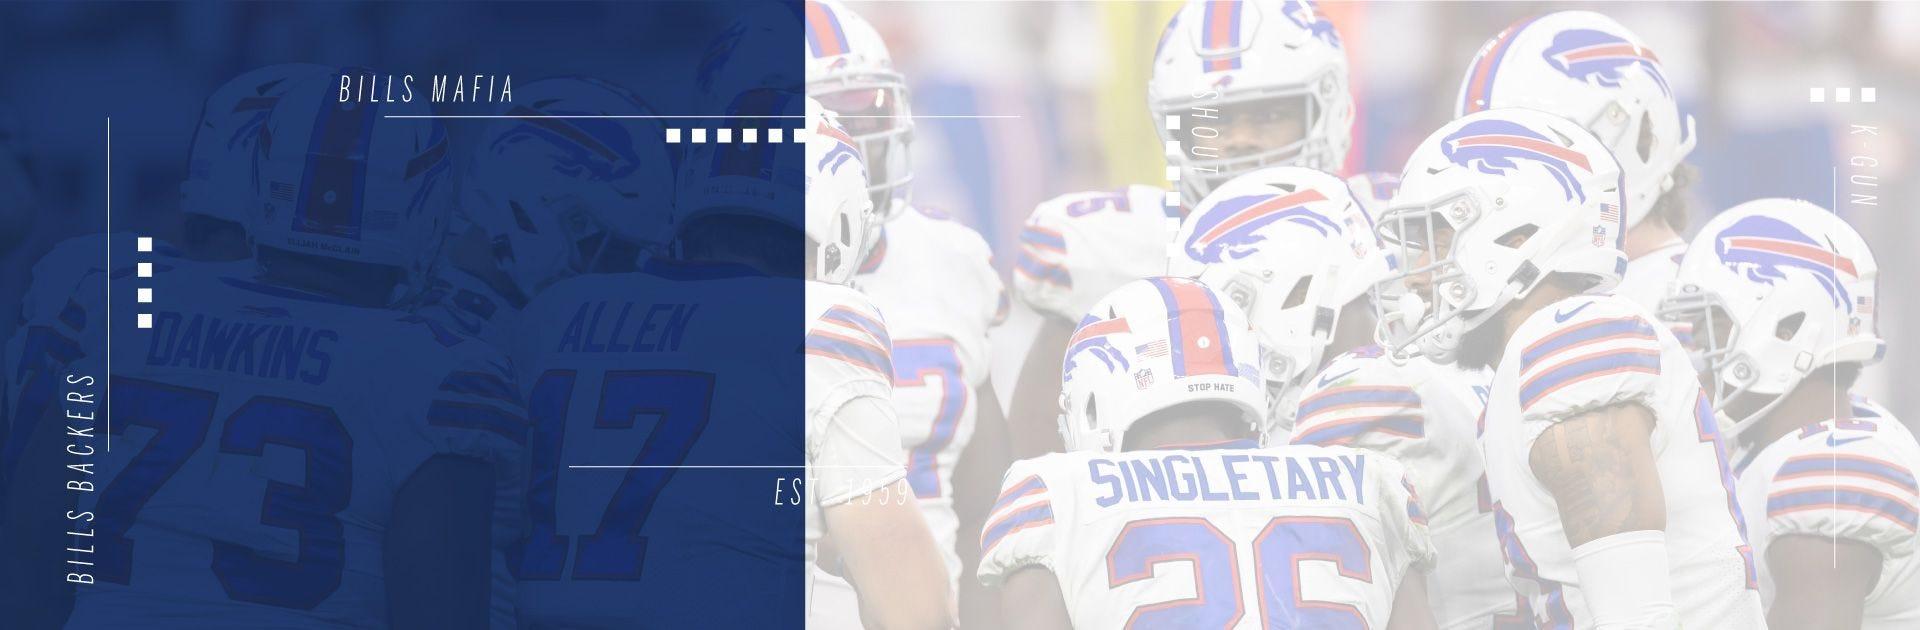 Wilson NFL Bills Fan Shop